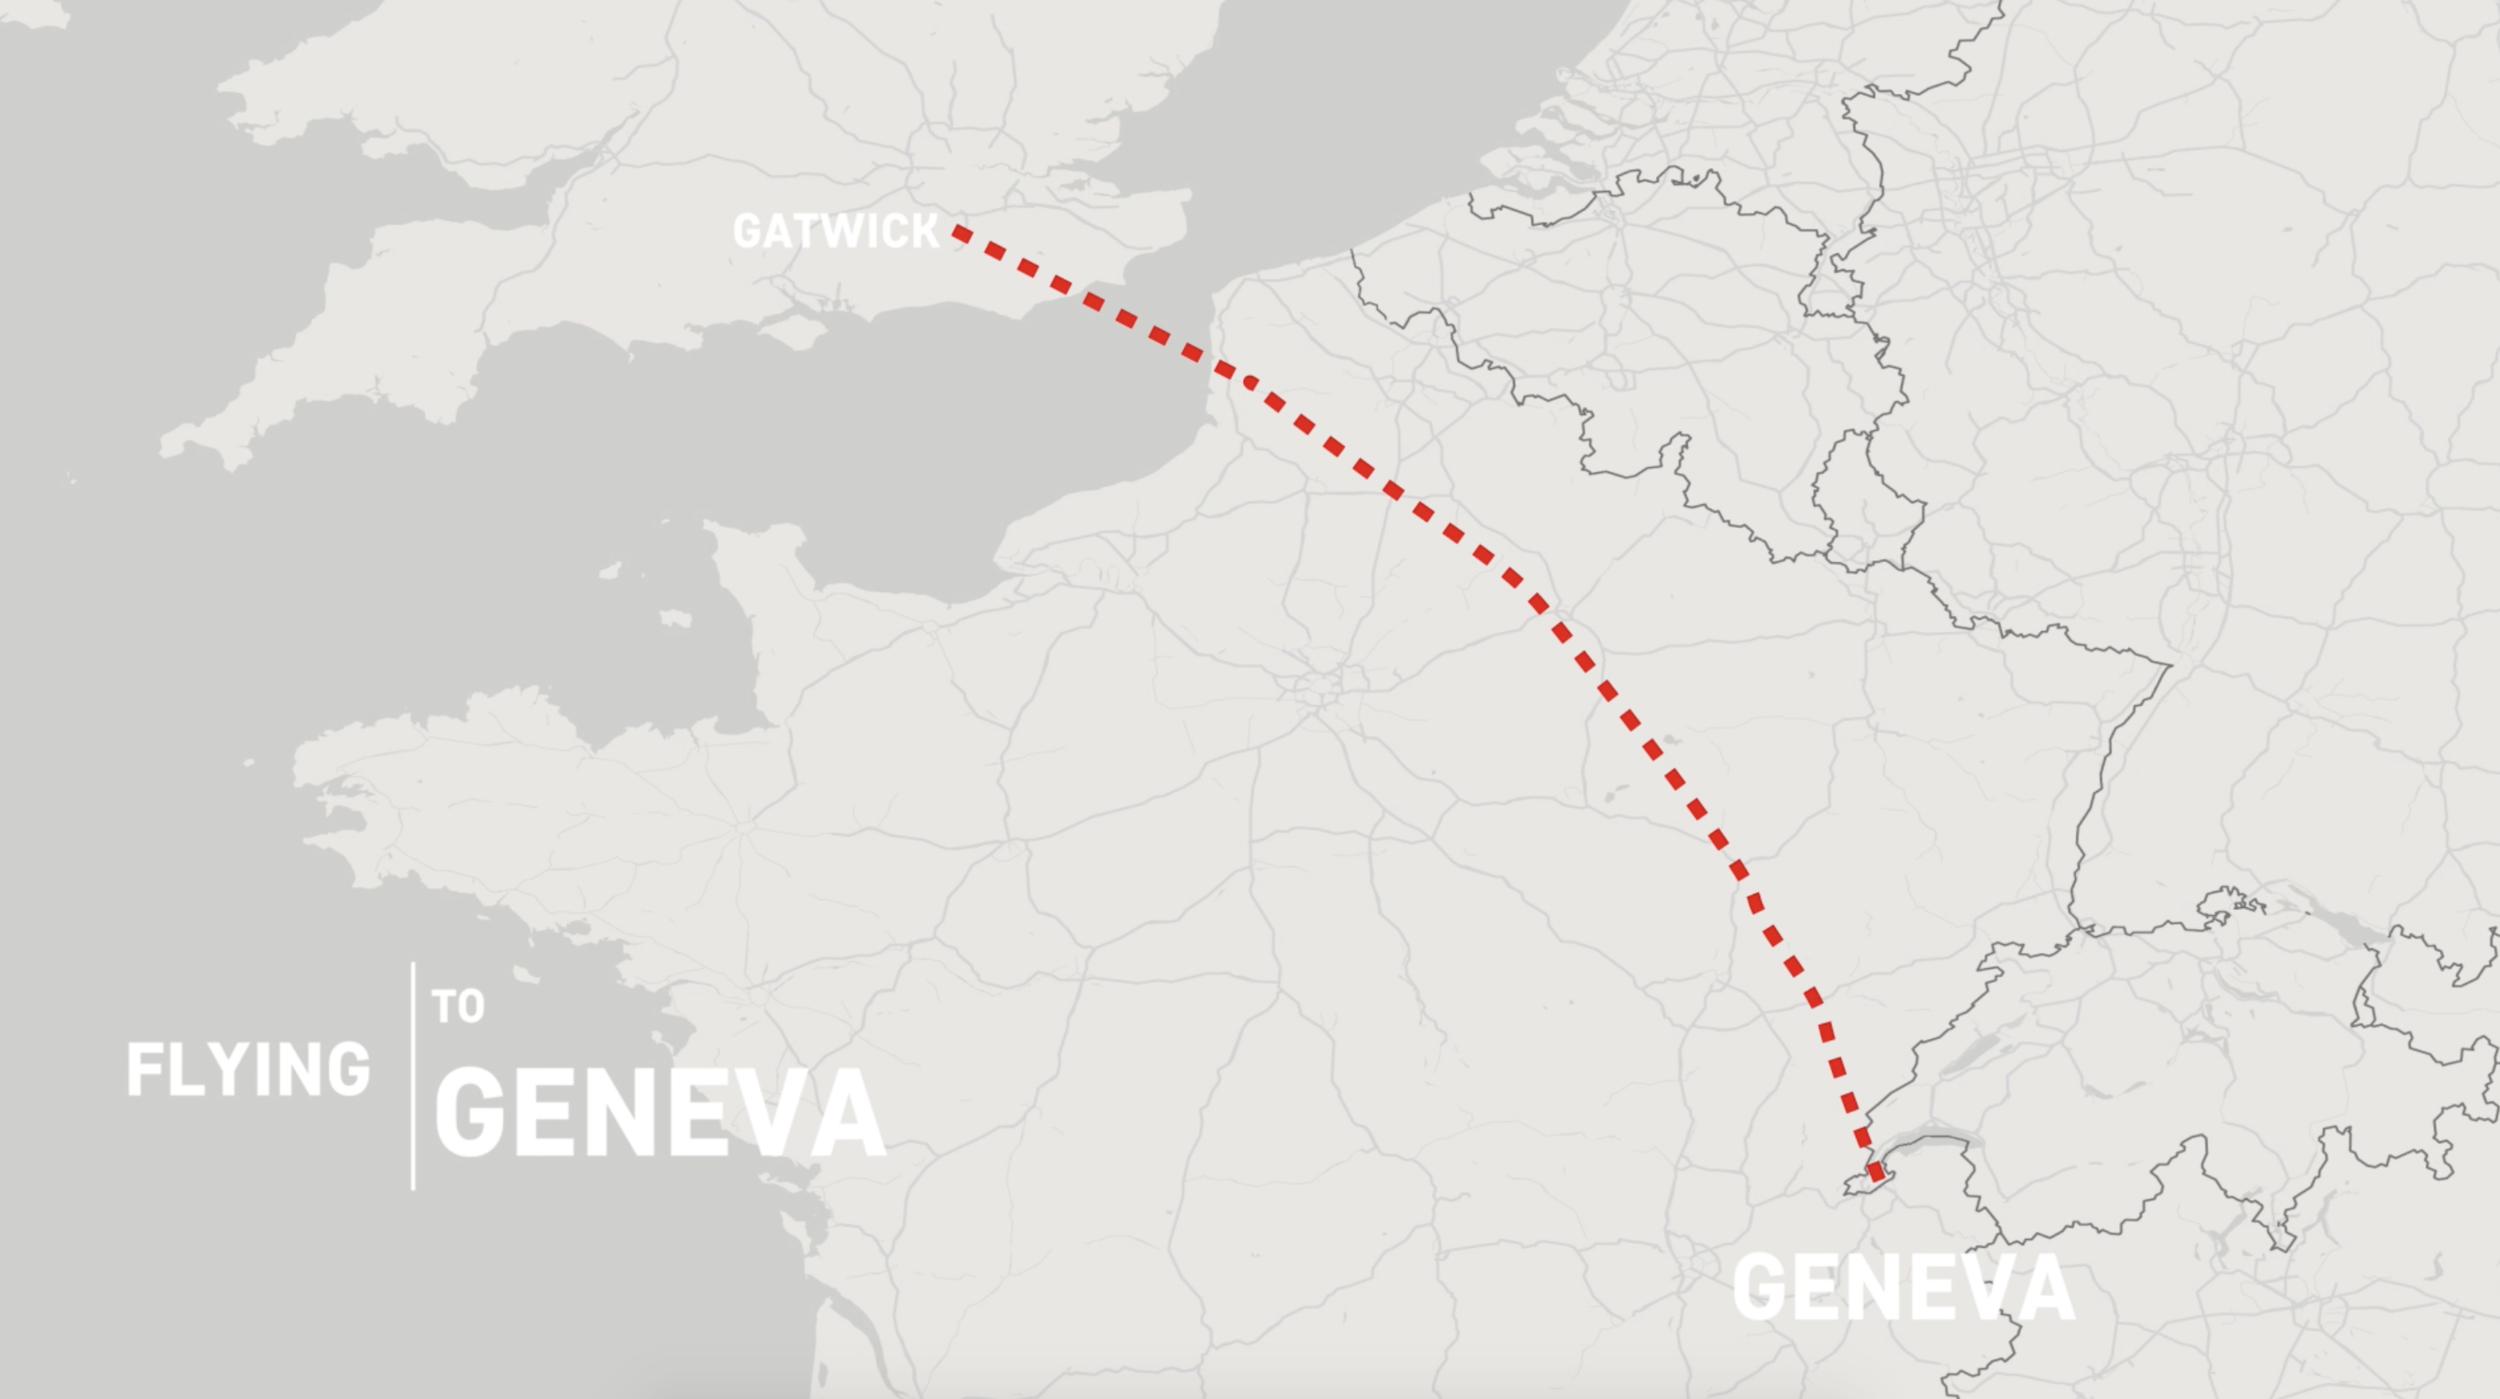 Flying to Geneva